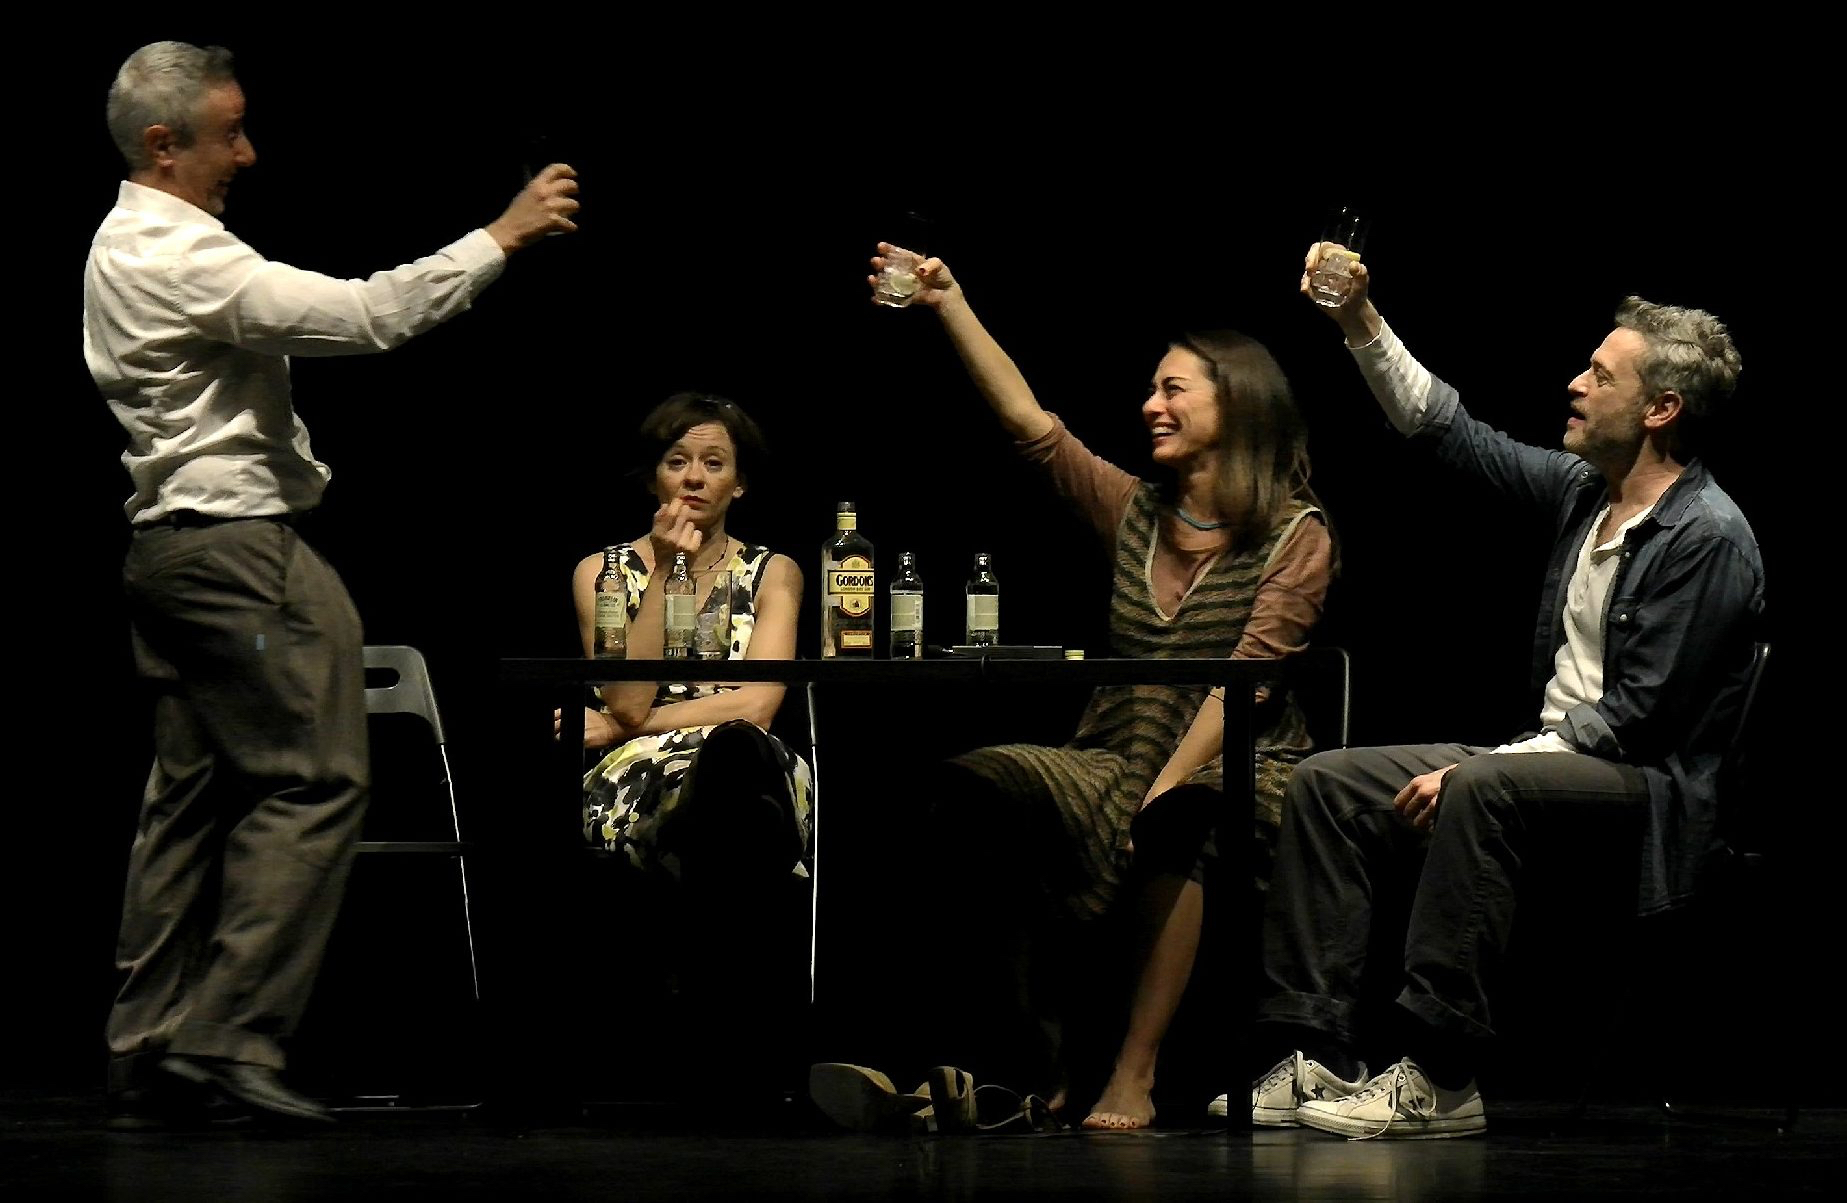 """Firenze: Per San Valentino, """"Scusate se parliamo d'amore"""", liberamente tratto dai racconti di Raymond Carver in scena al Teatrodante Carlo Monni"""